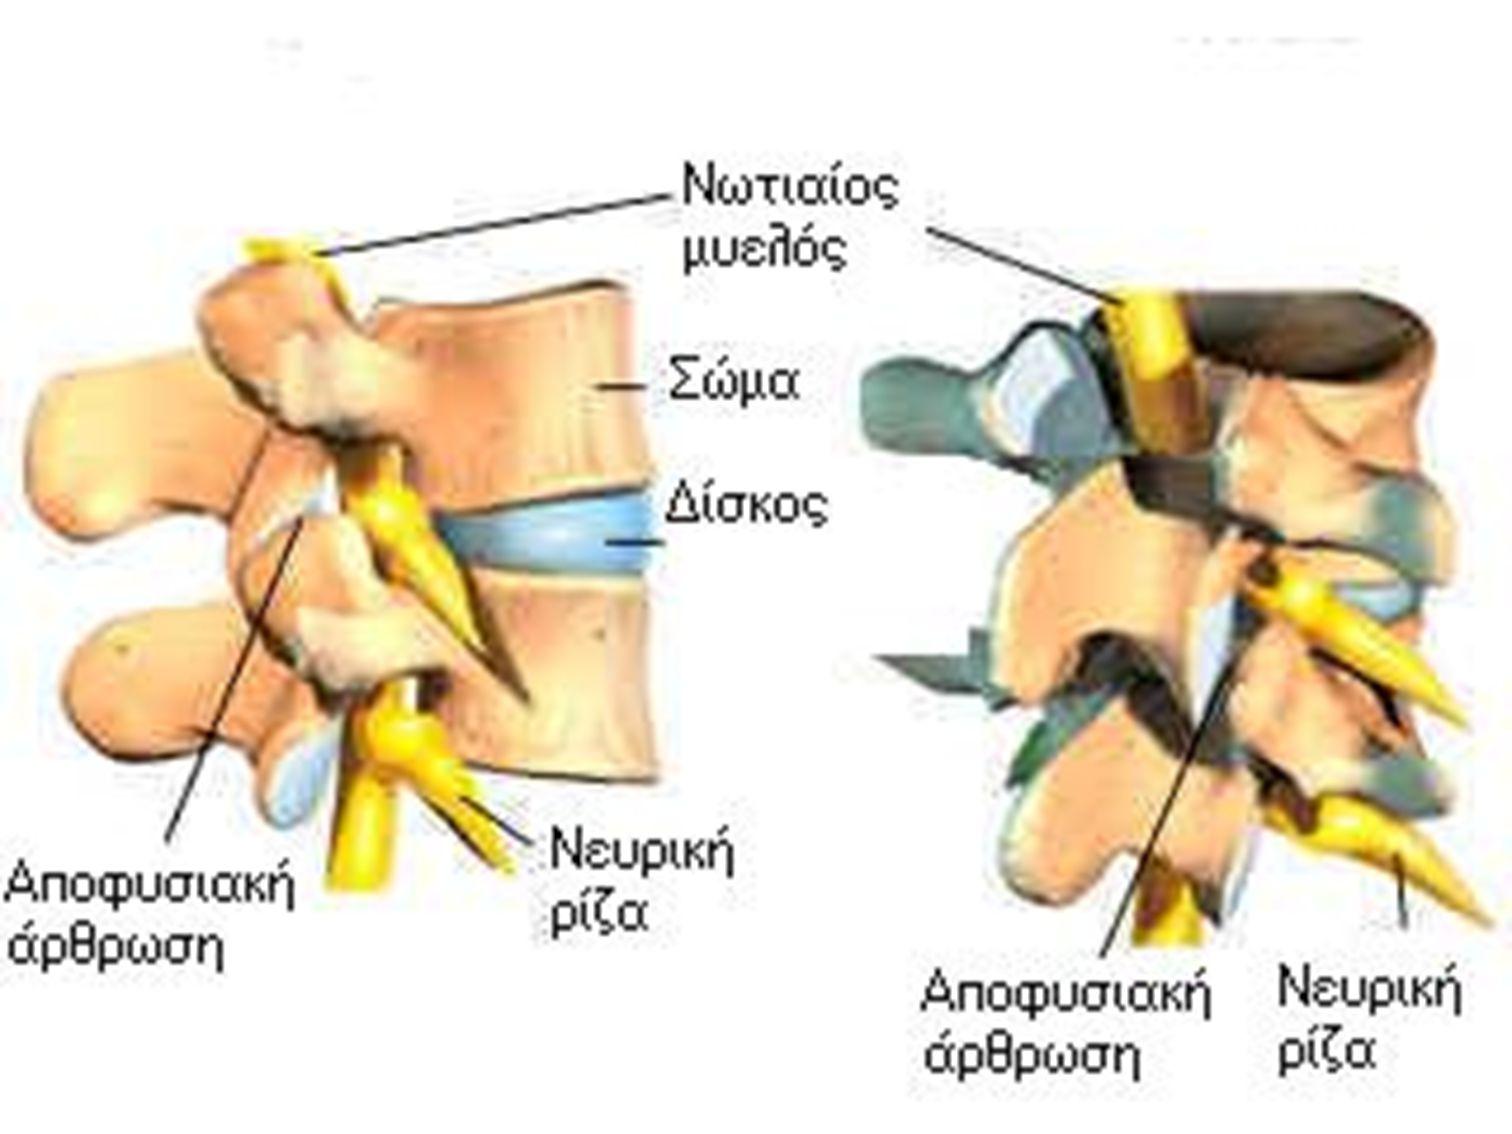 ΣΠΟΝΔΥΛΙΚΗ ΣΤΗΛΗ Βρίσκεται πίσω και στο μέσο της ραχιαίας επιφάνειας του σώματος.